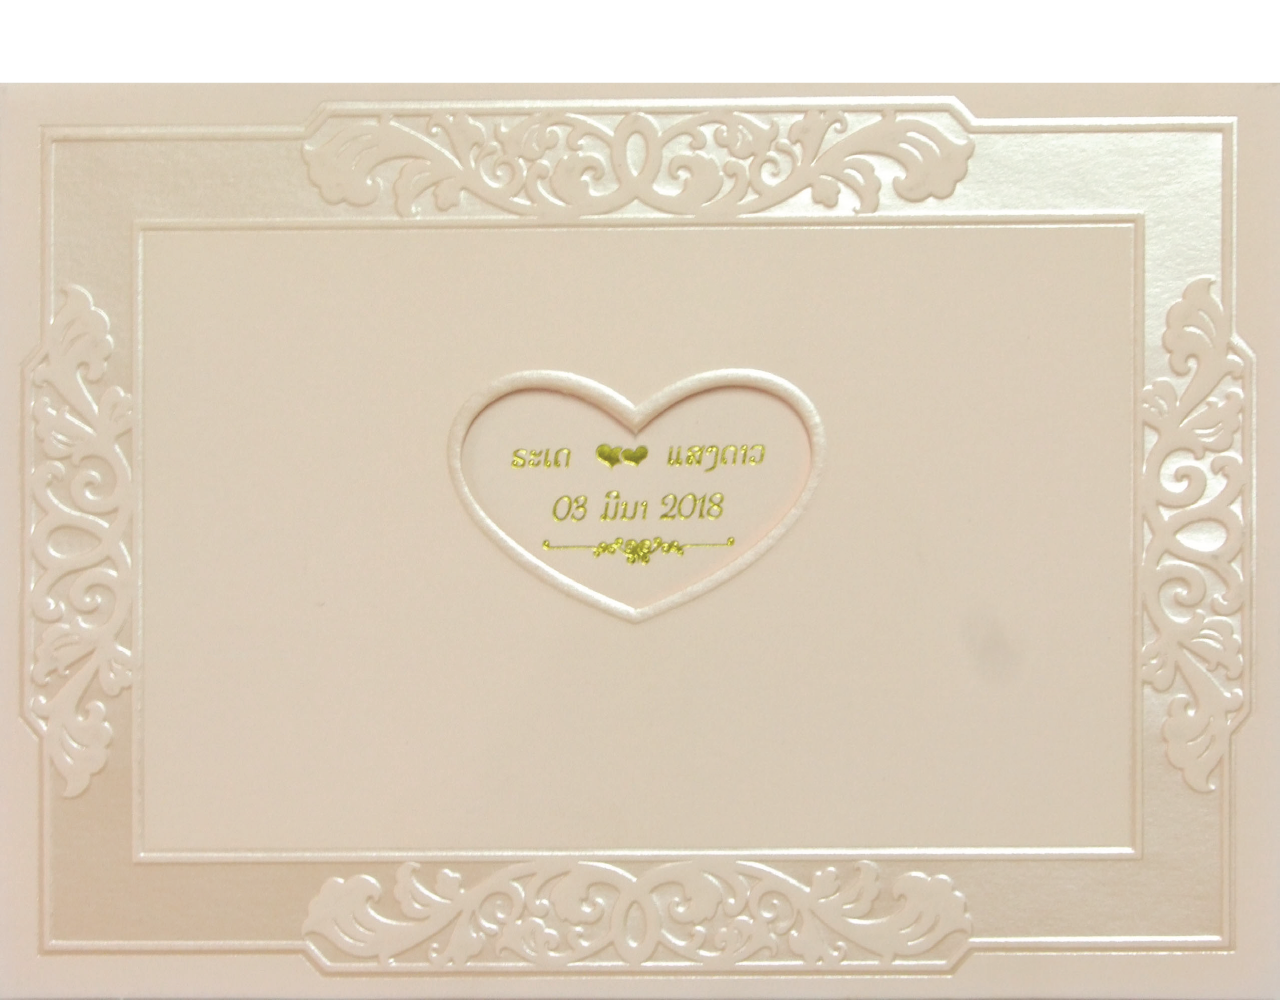 การ์ดแต่งงาน การ์ดเชิญ สีชมพู ปั๊มนูน wedding card 12.5 x 18.7 cm SP 4020 Pink ฿ 7.50